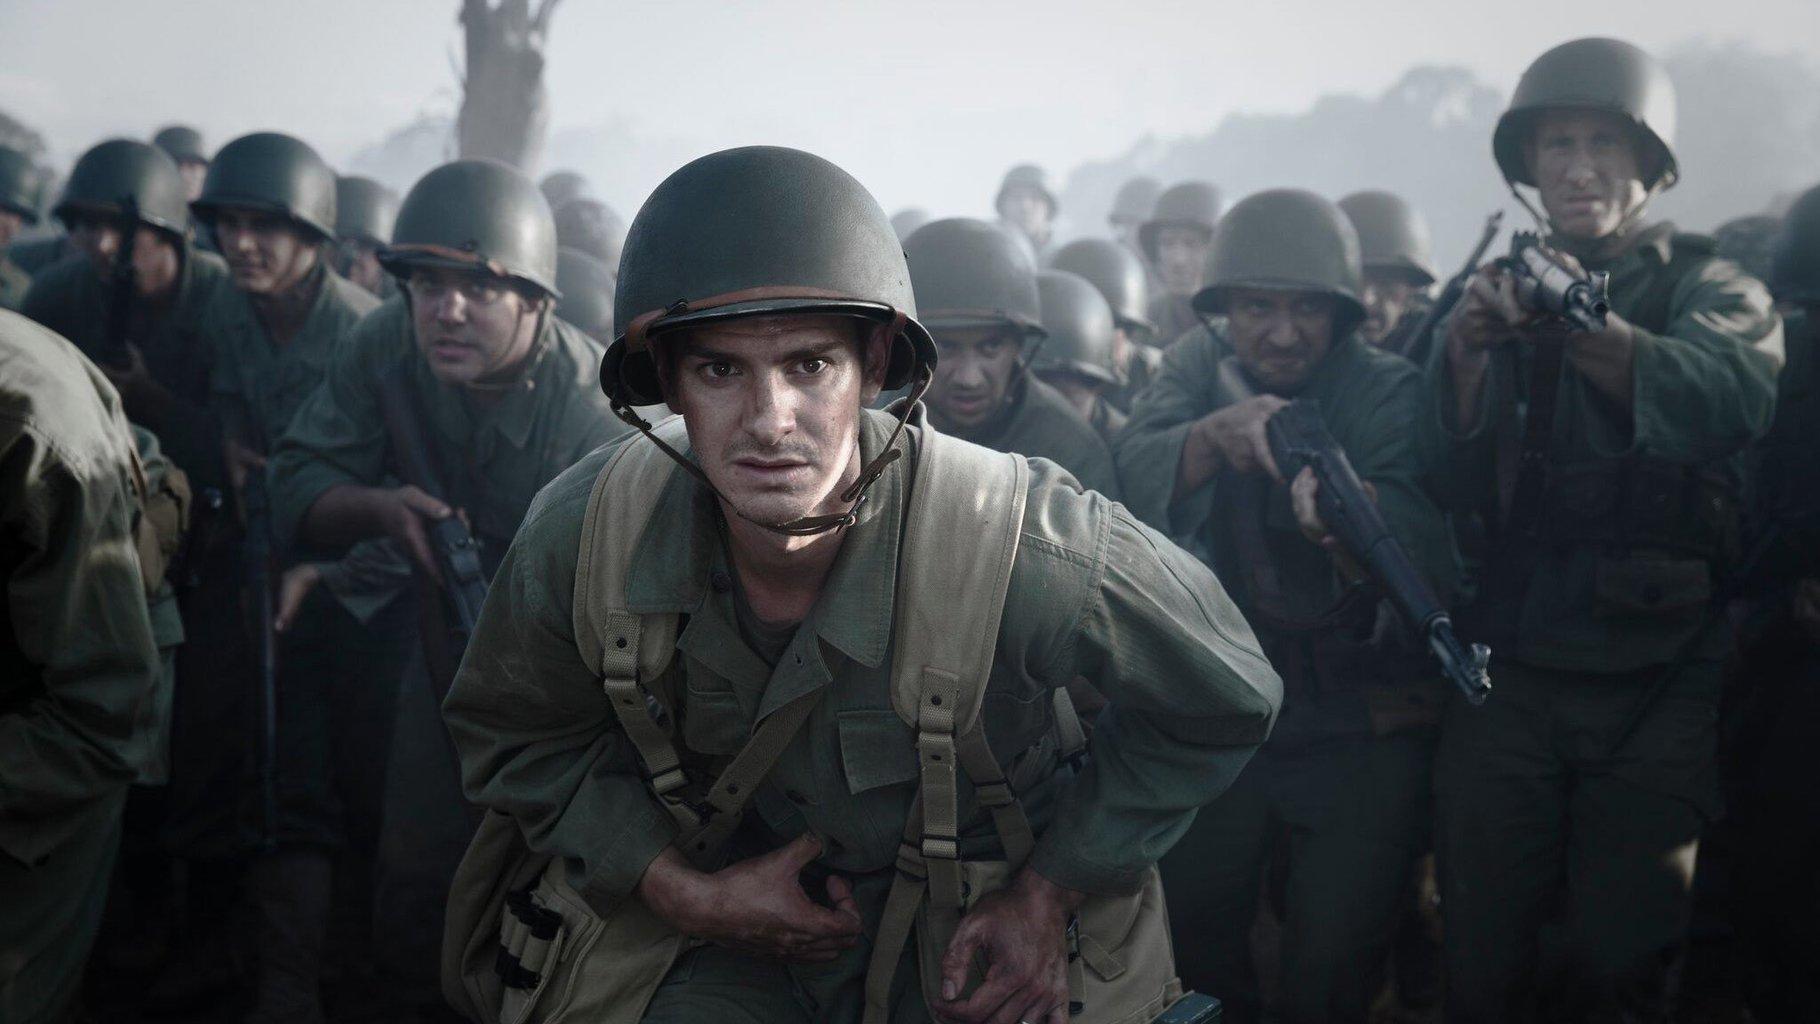 scene from war movie